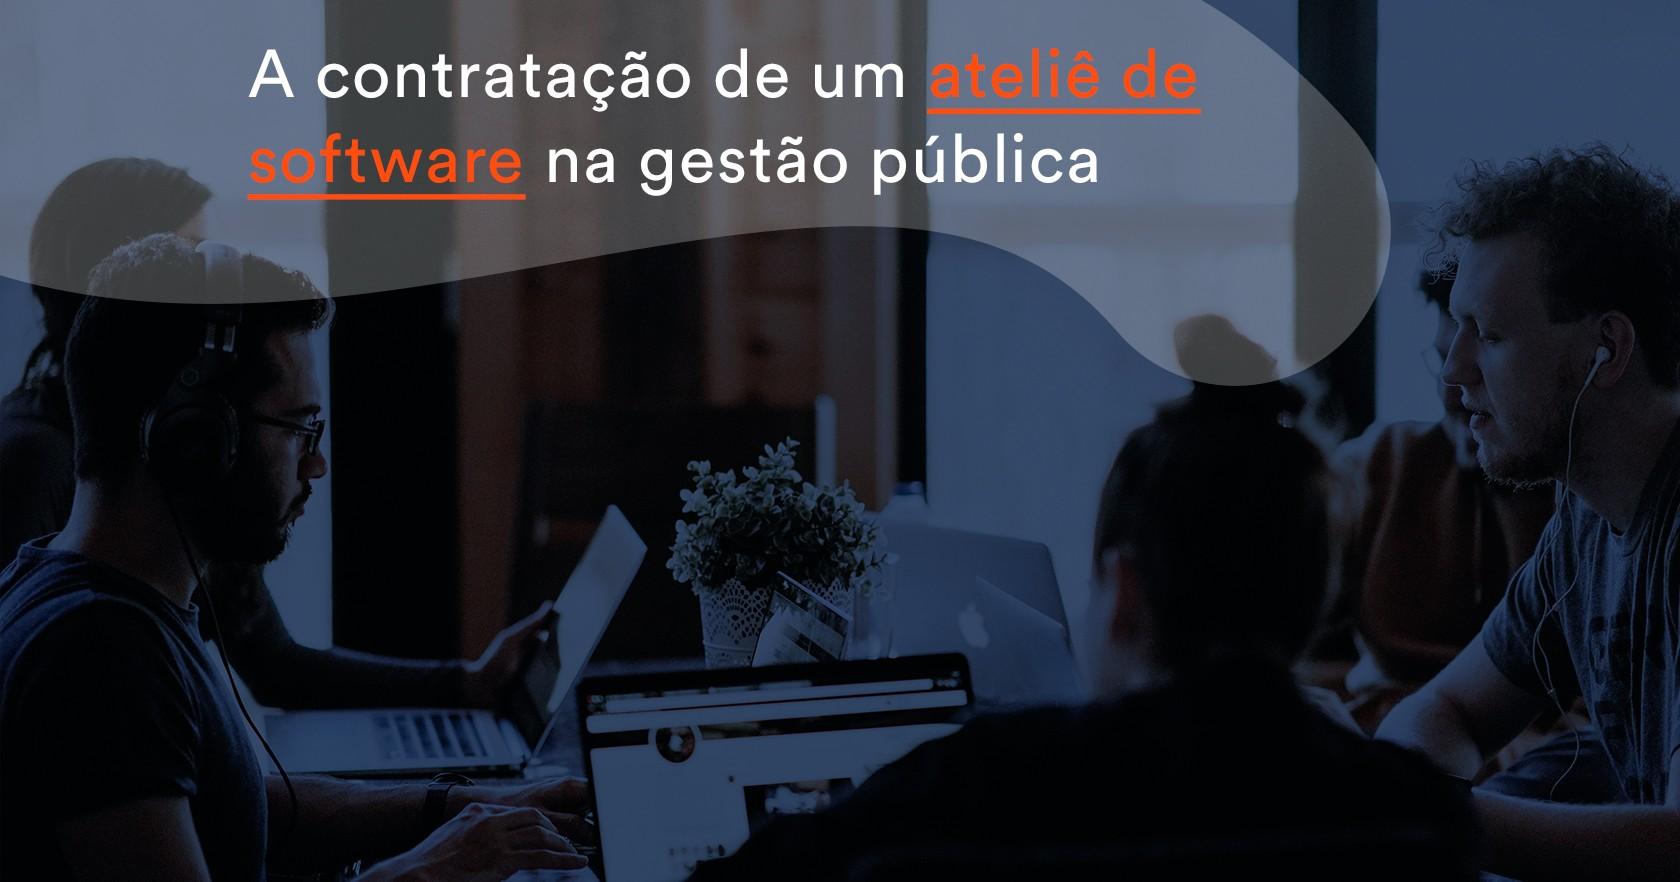 Ateliê de software